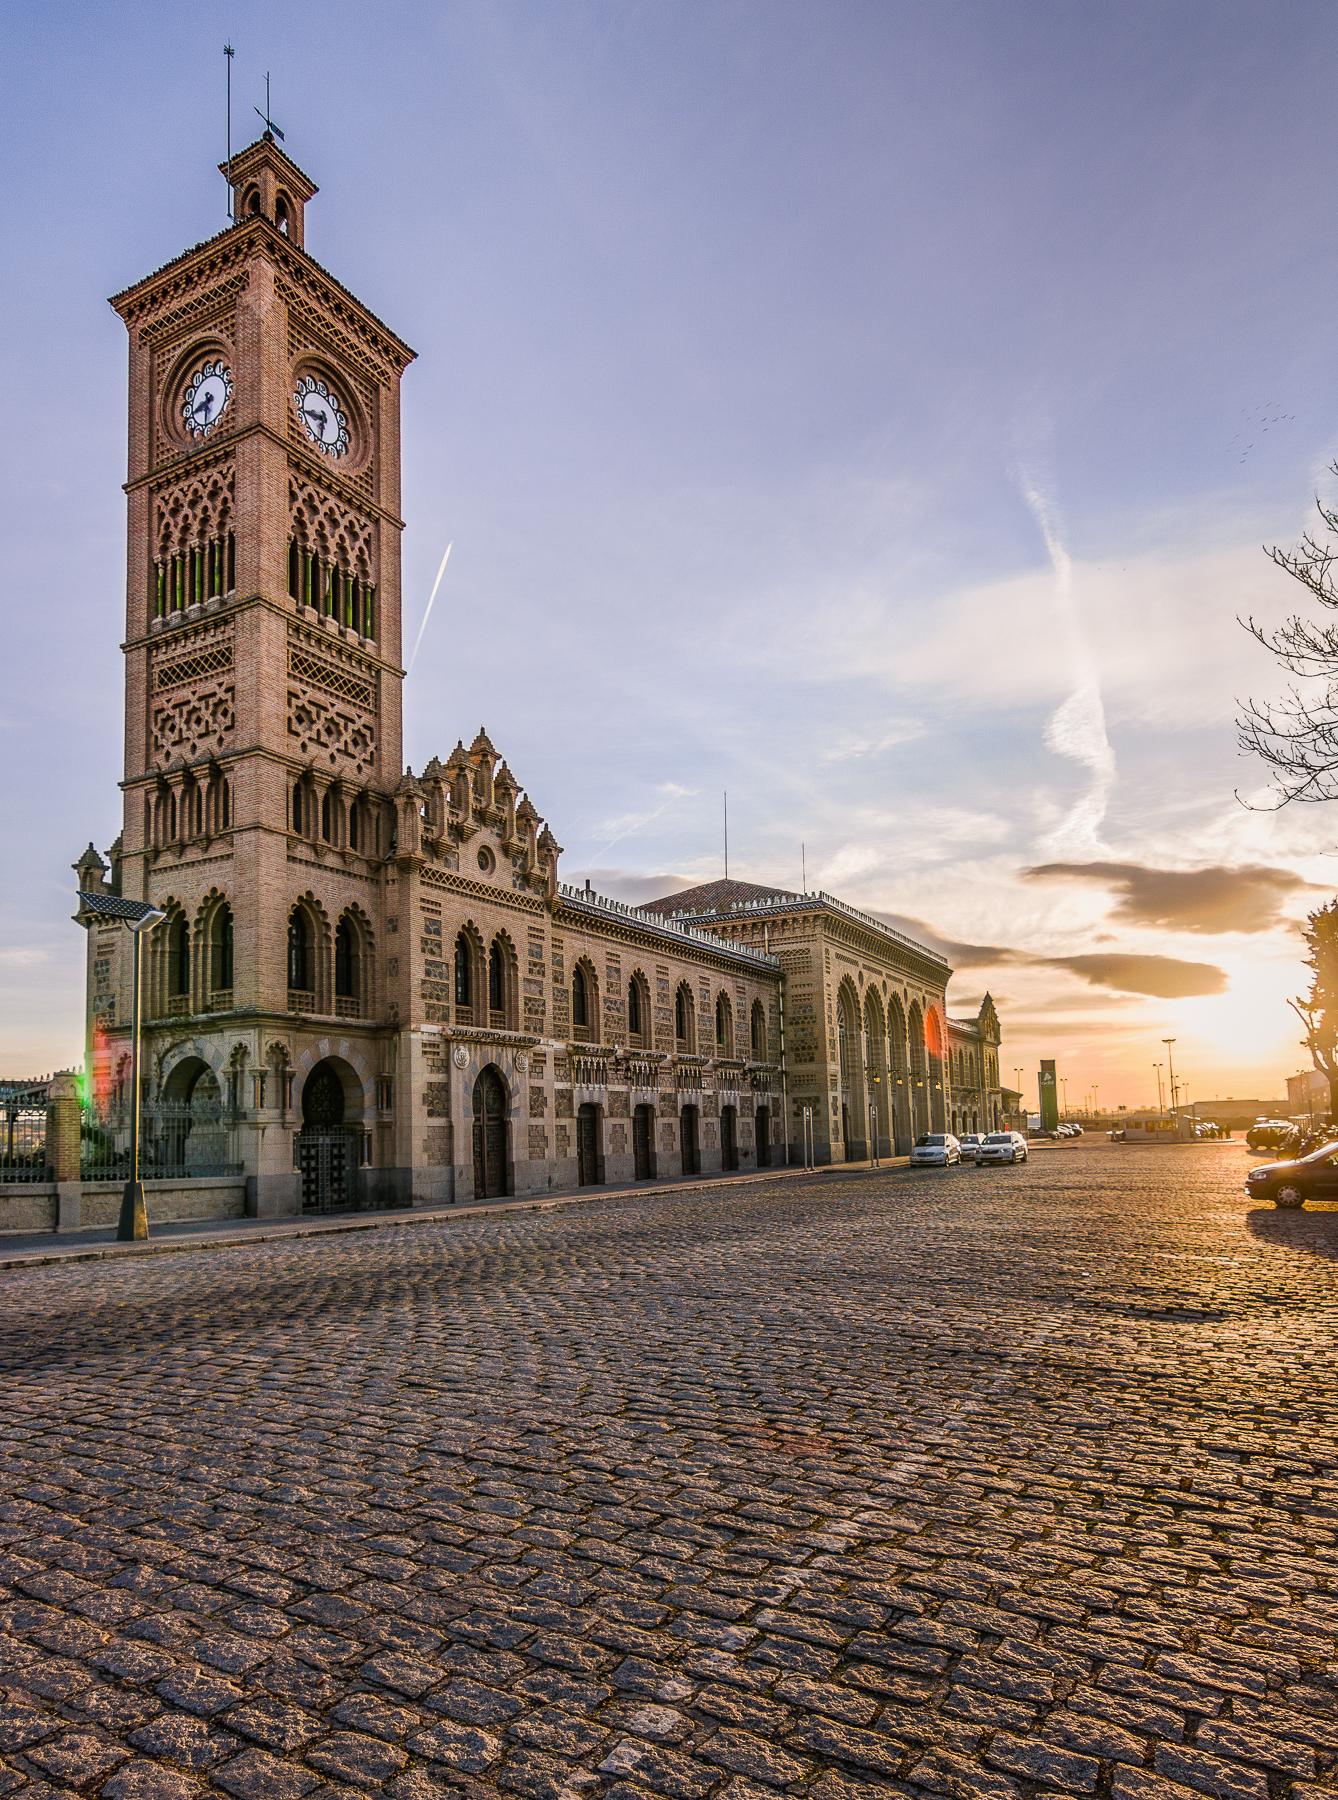 Amanecer en Estación de Trenes en Toledo, España.